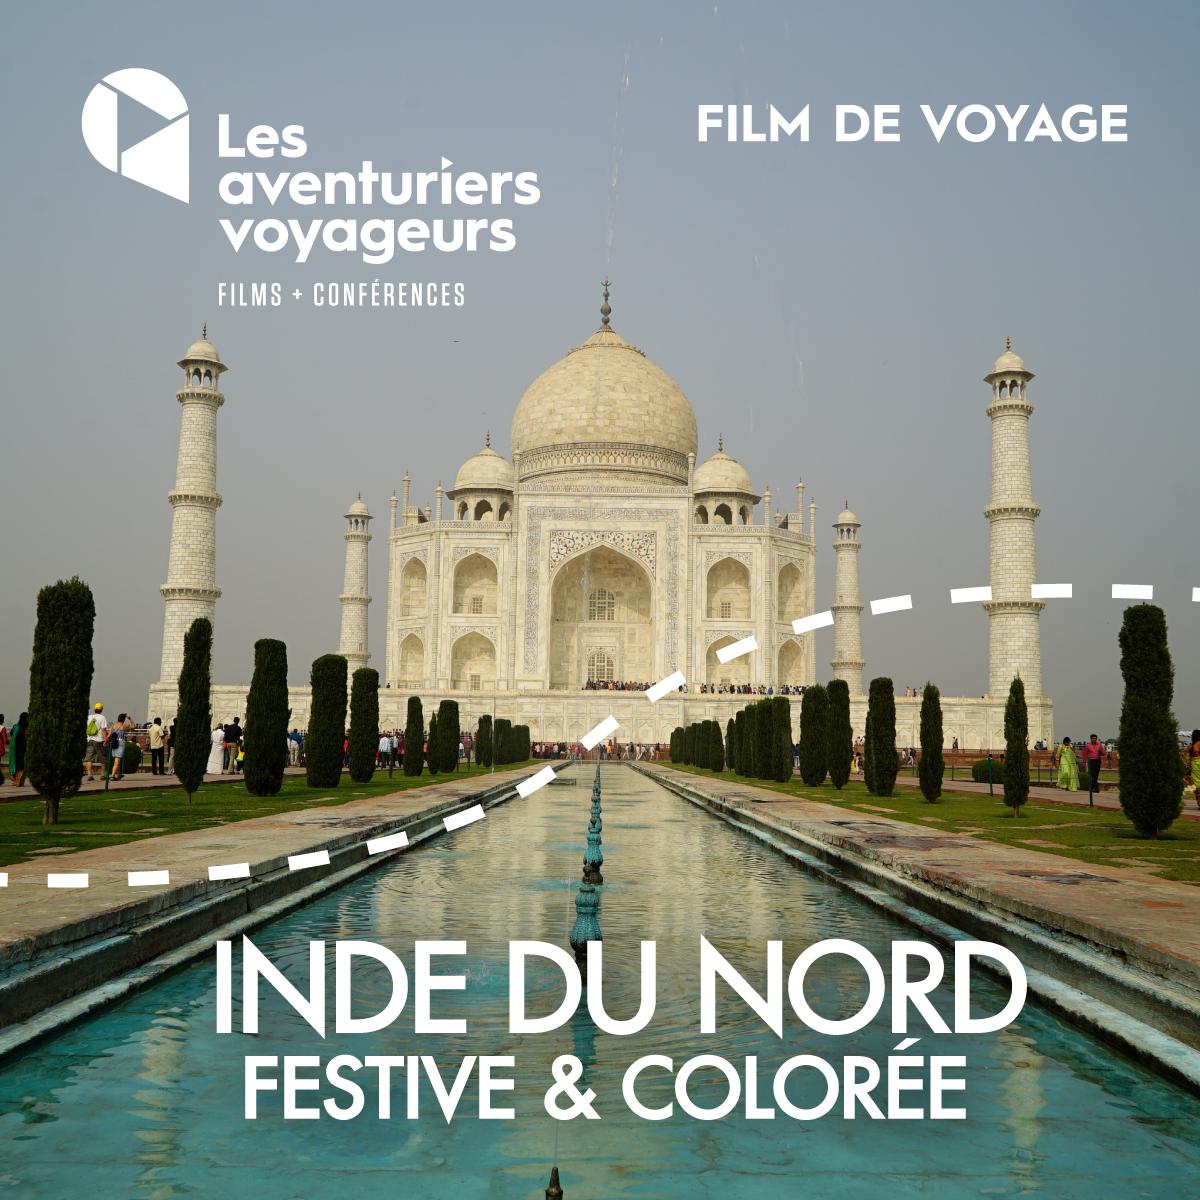 Film voyage de janvier: L'Inde du Nord, festive et colorée!